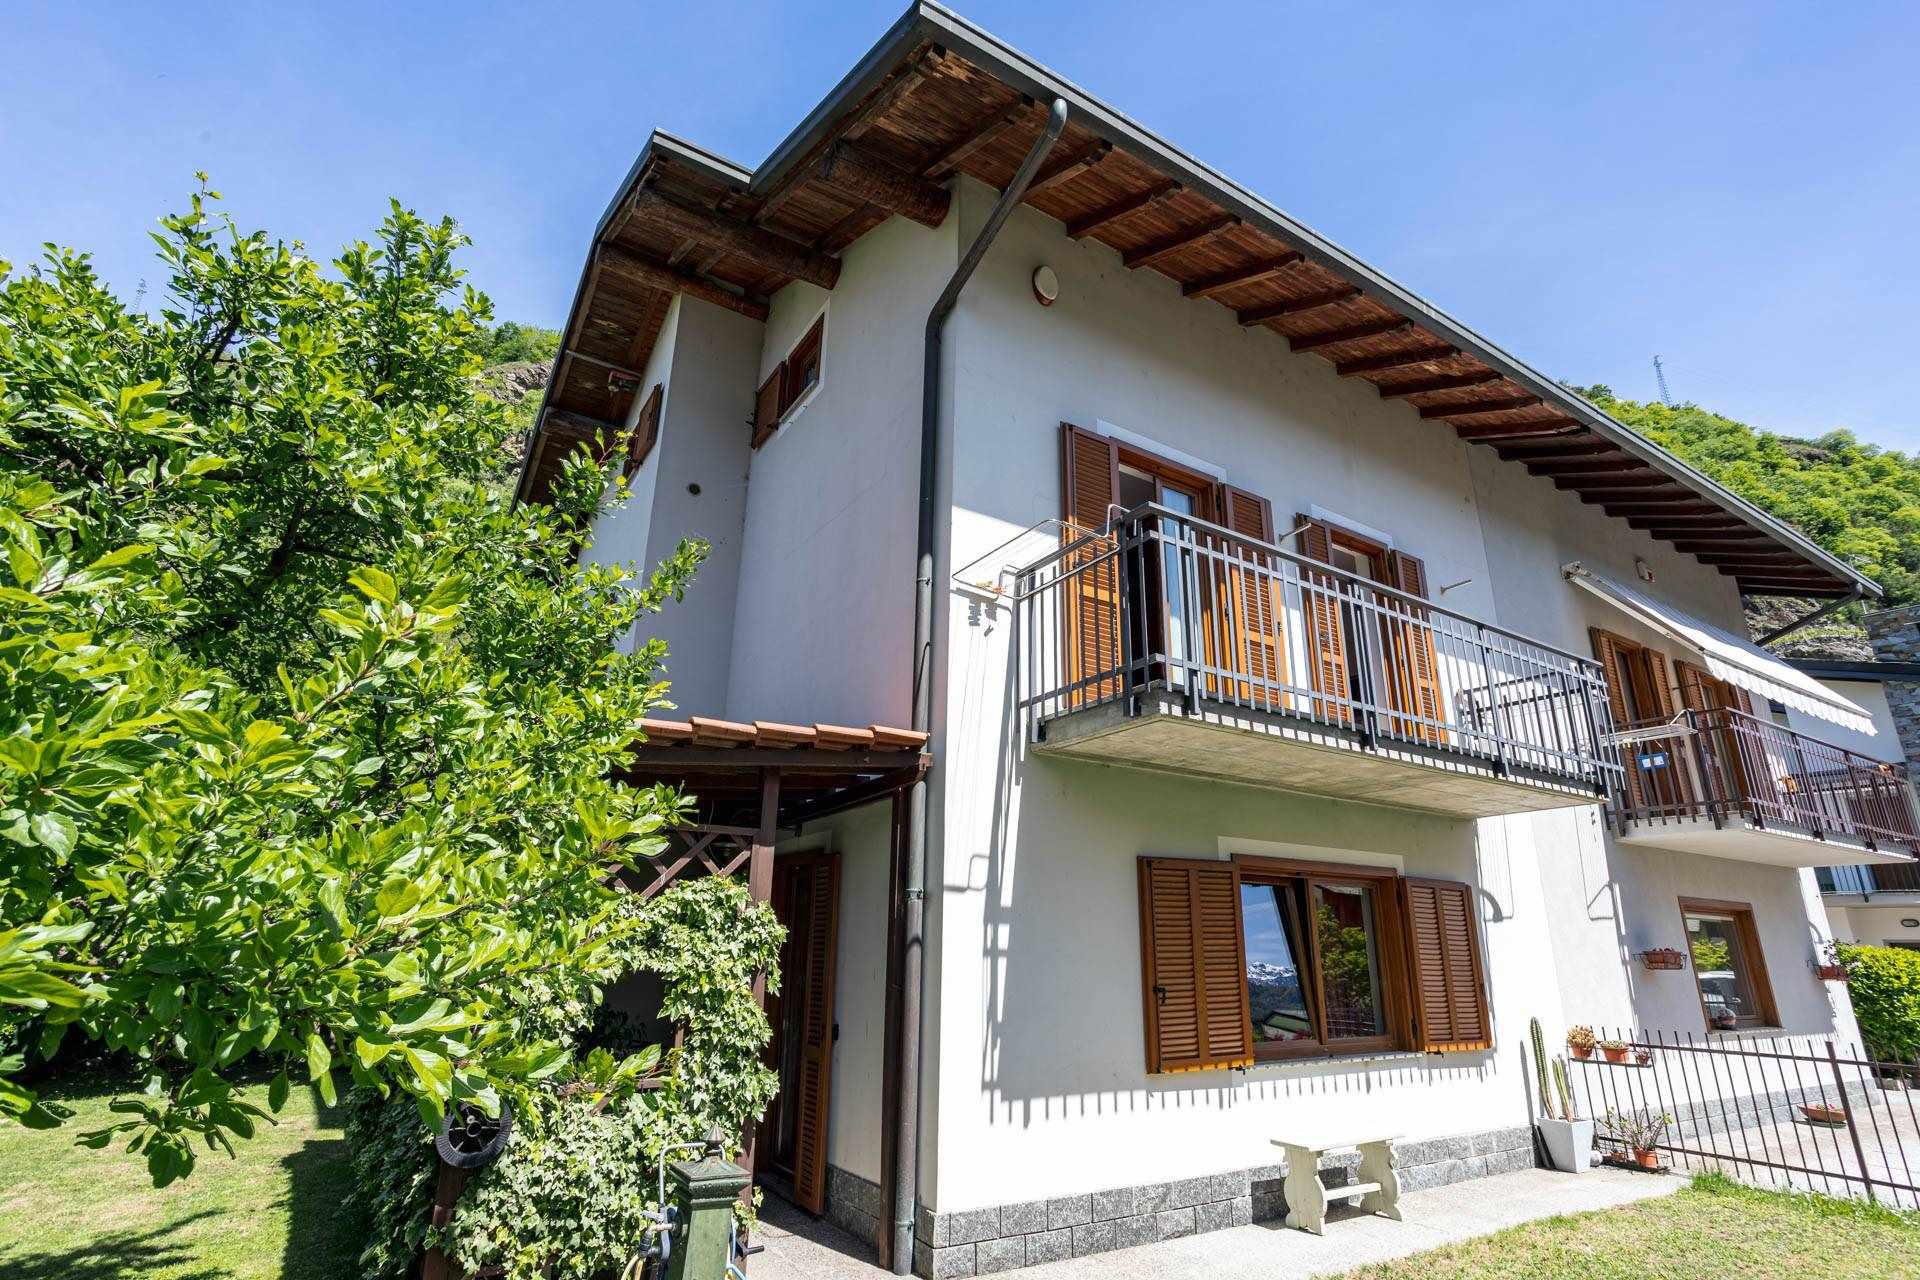 Villa Bifamiliare in vendita a Poggiridenti, 6 locali, prezzo € 257.000 | PortaleAgenzieImmobiliari.it